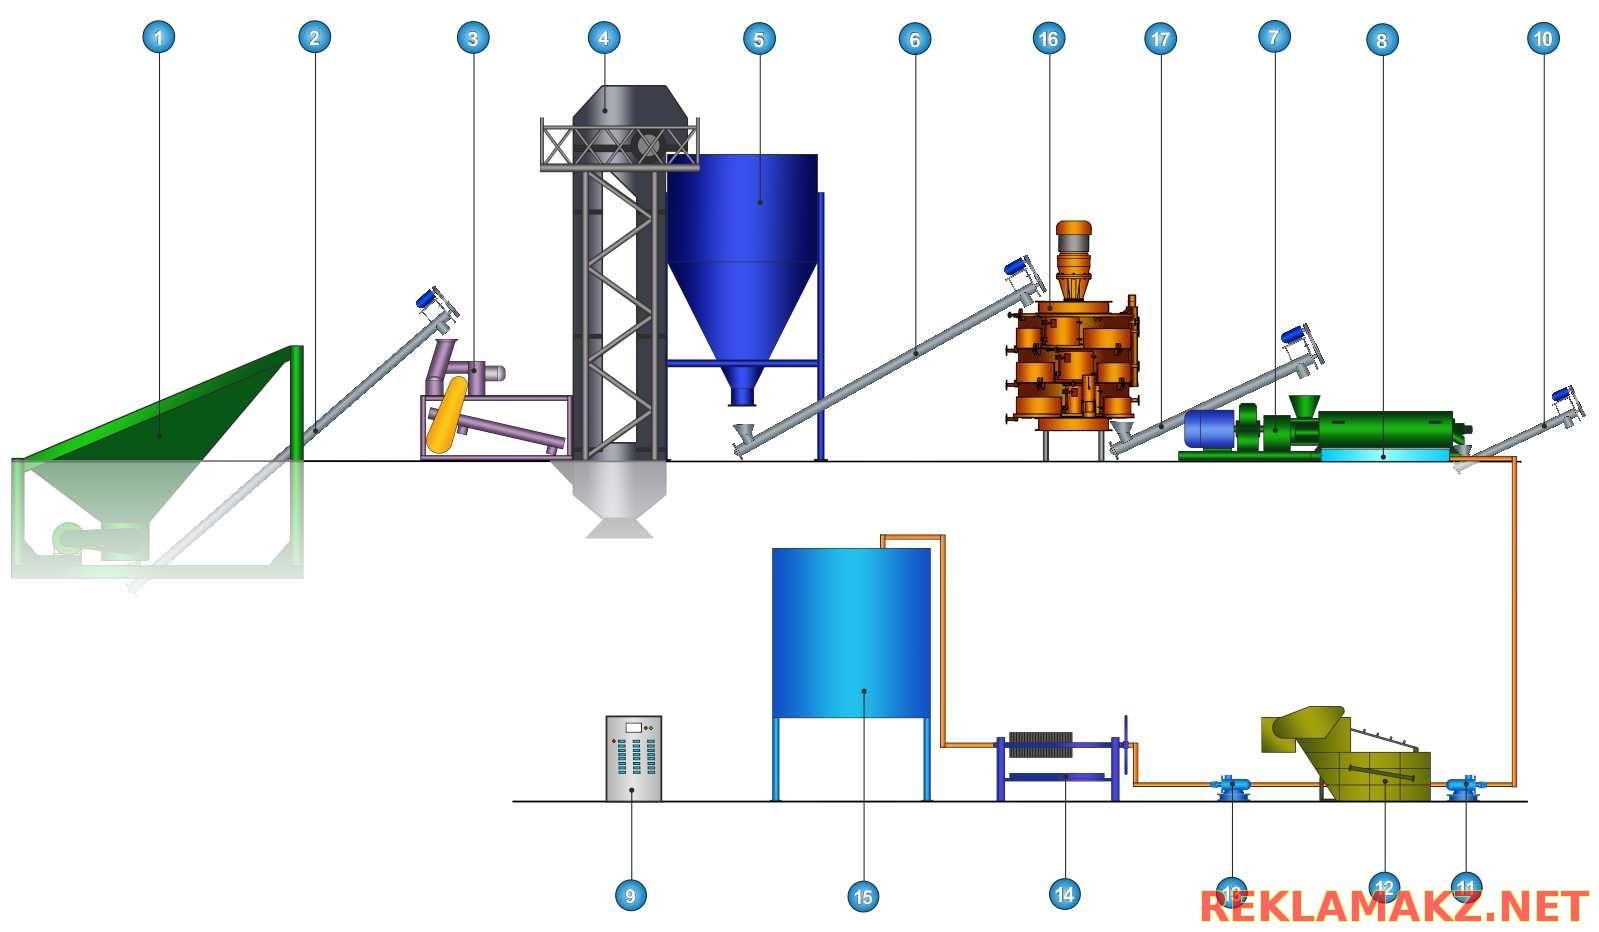 оборудование для производства подсолнечного масла промышленный интернет